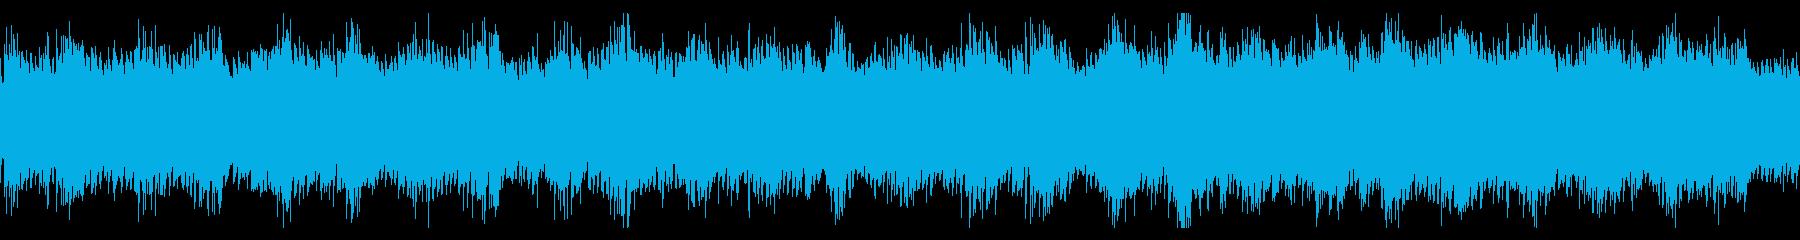 ゲームのダンジョン・洞窟系BGMの再生済みの波形